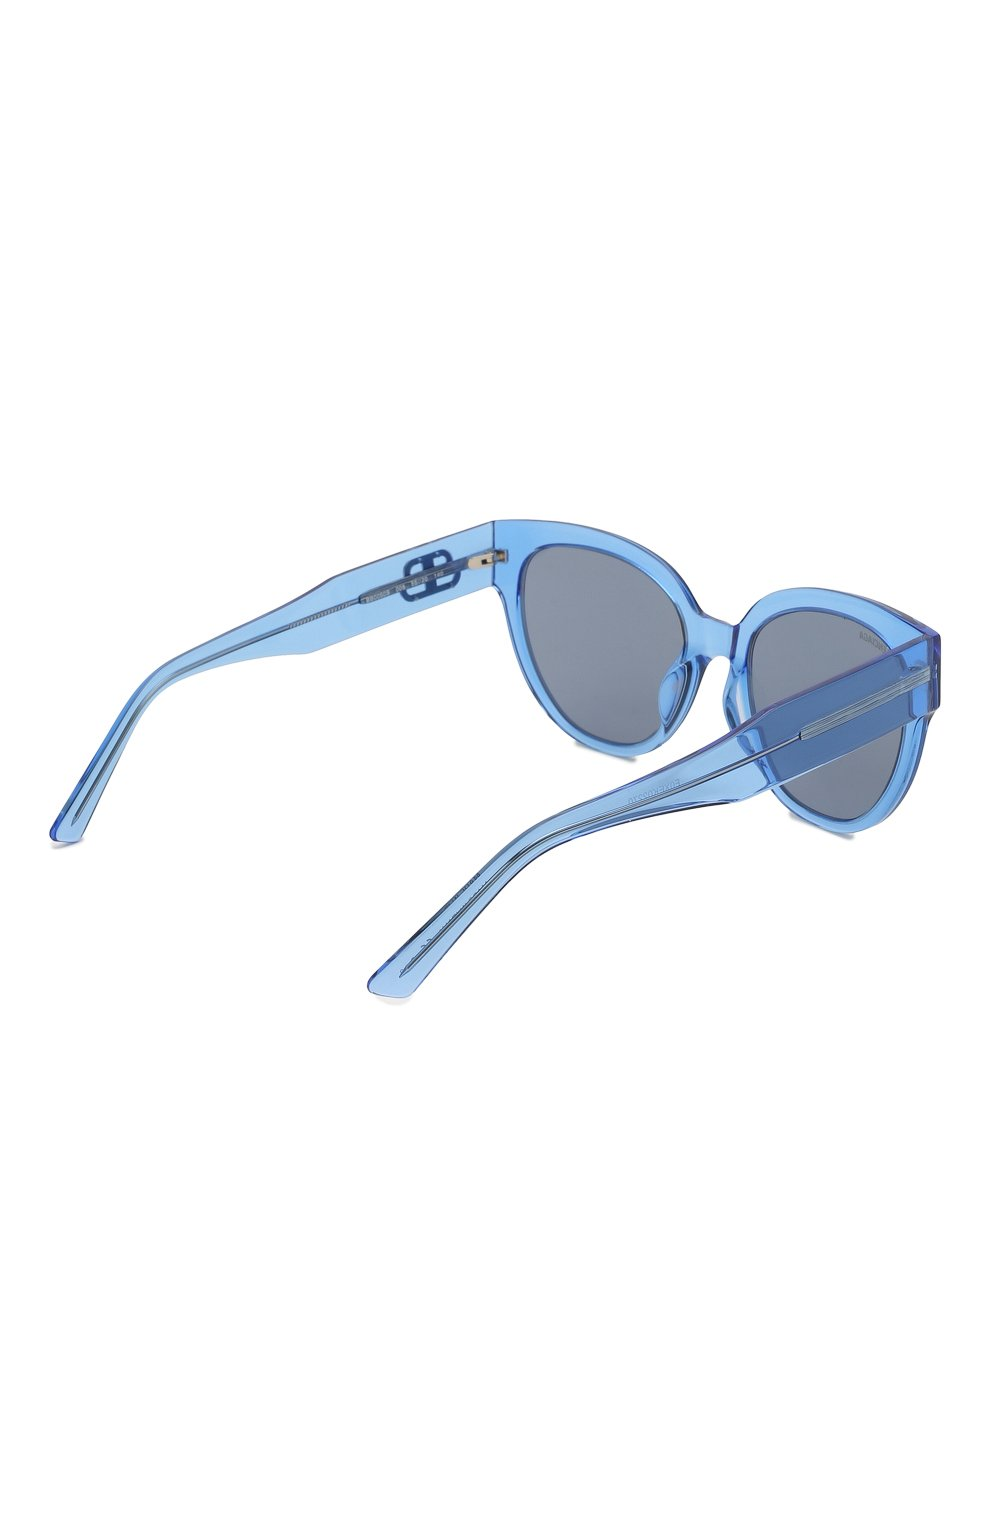 Женские солнцезащитные очки BALENCIAGA голубого цвета, арт. 584805/T0001 | Фото 4